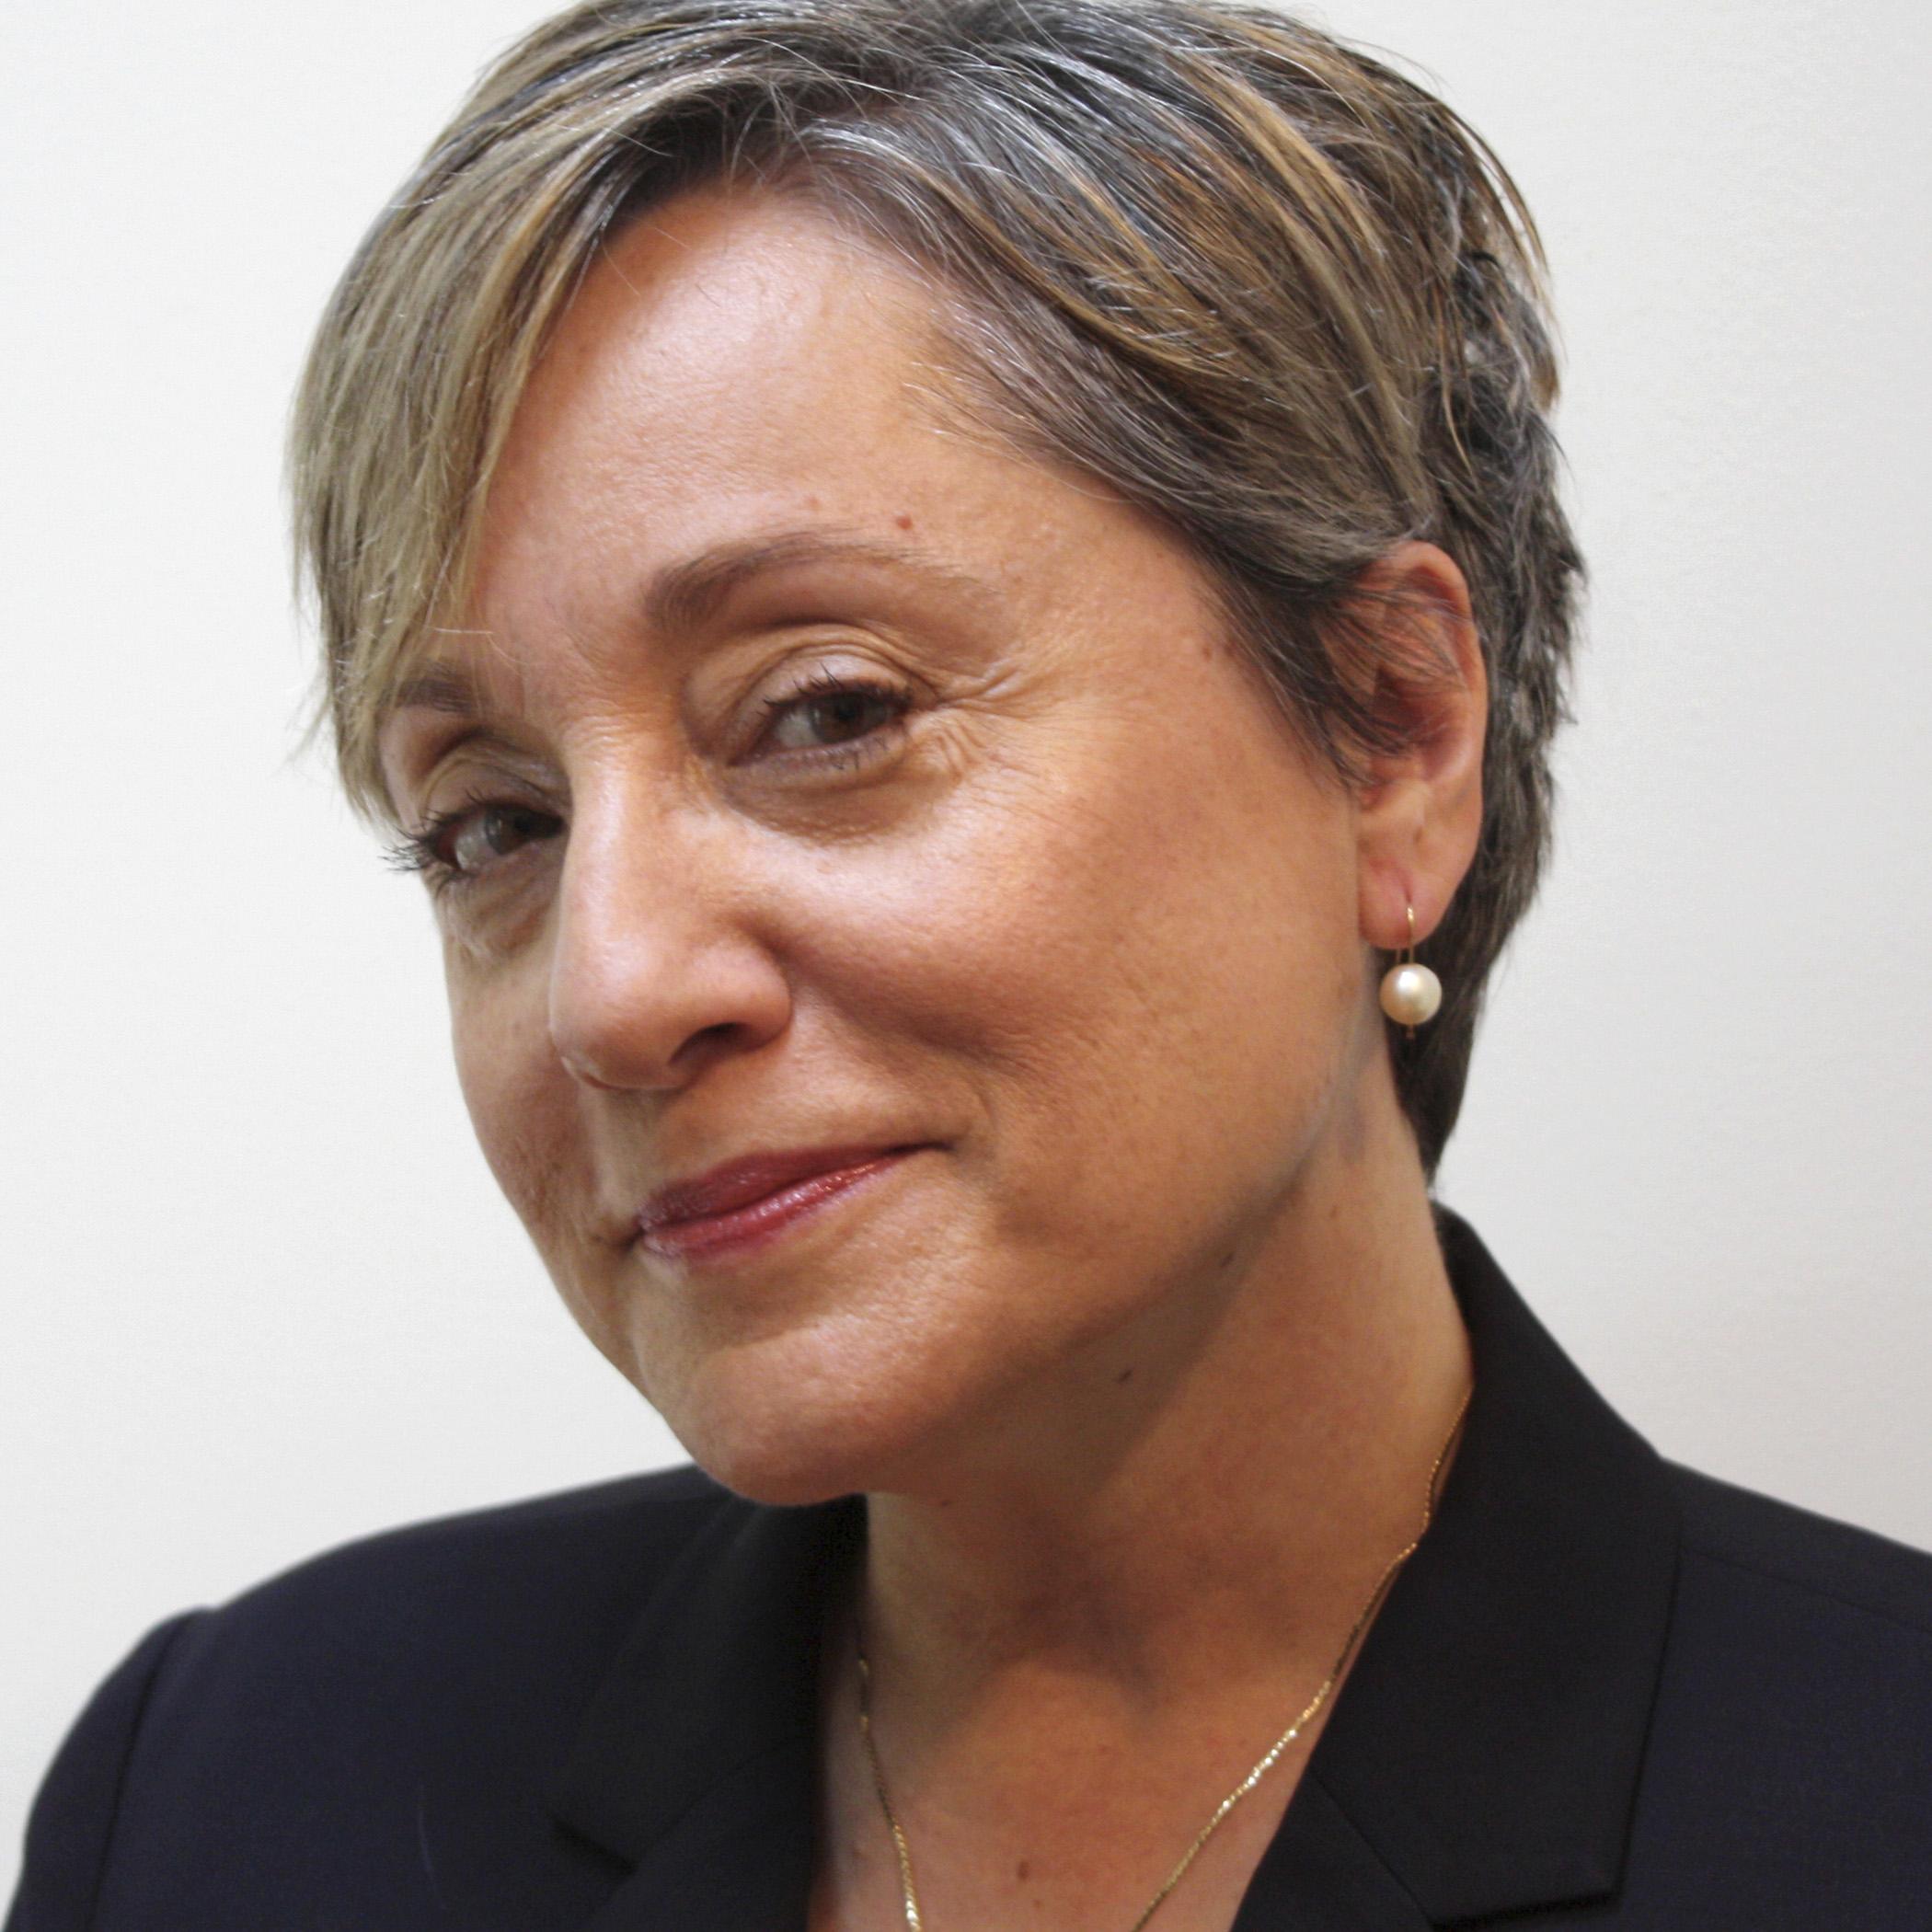 Kari Mashos, C.S.B.  Member of the Christian Science Board of Lectureship